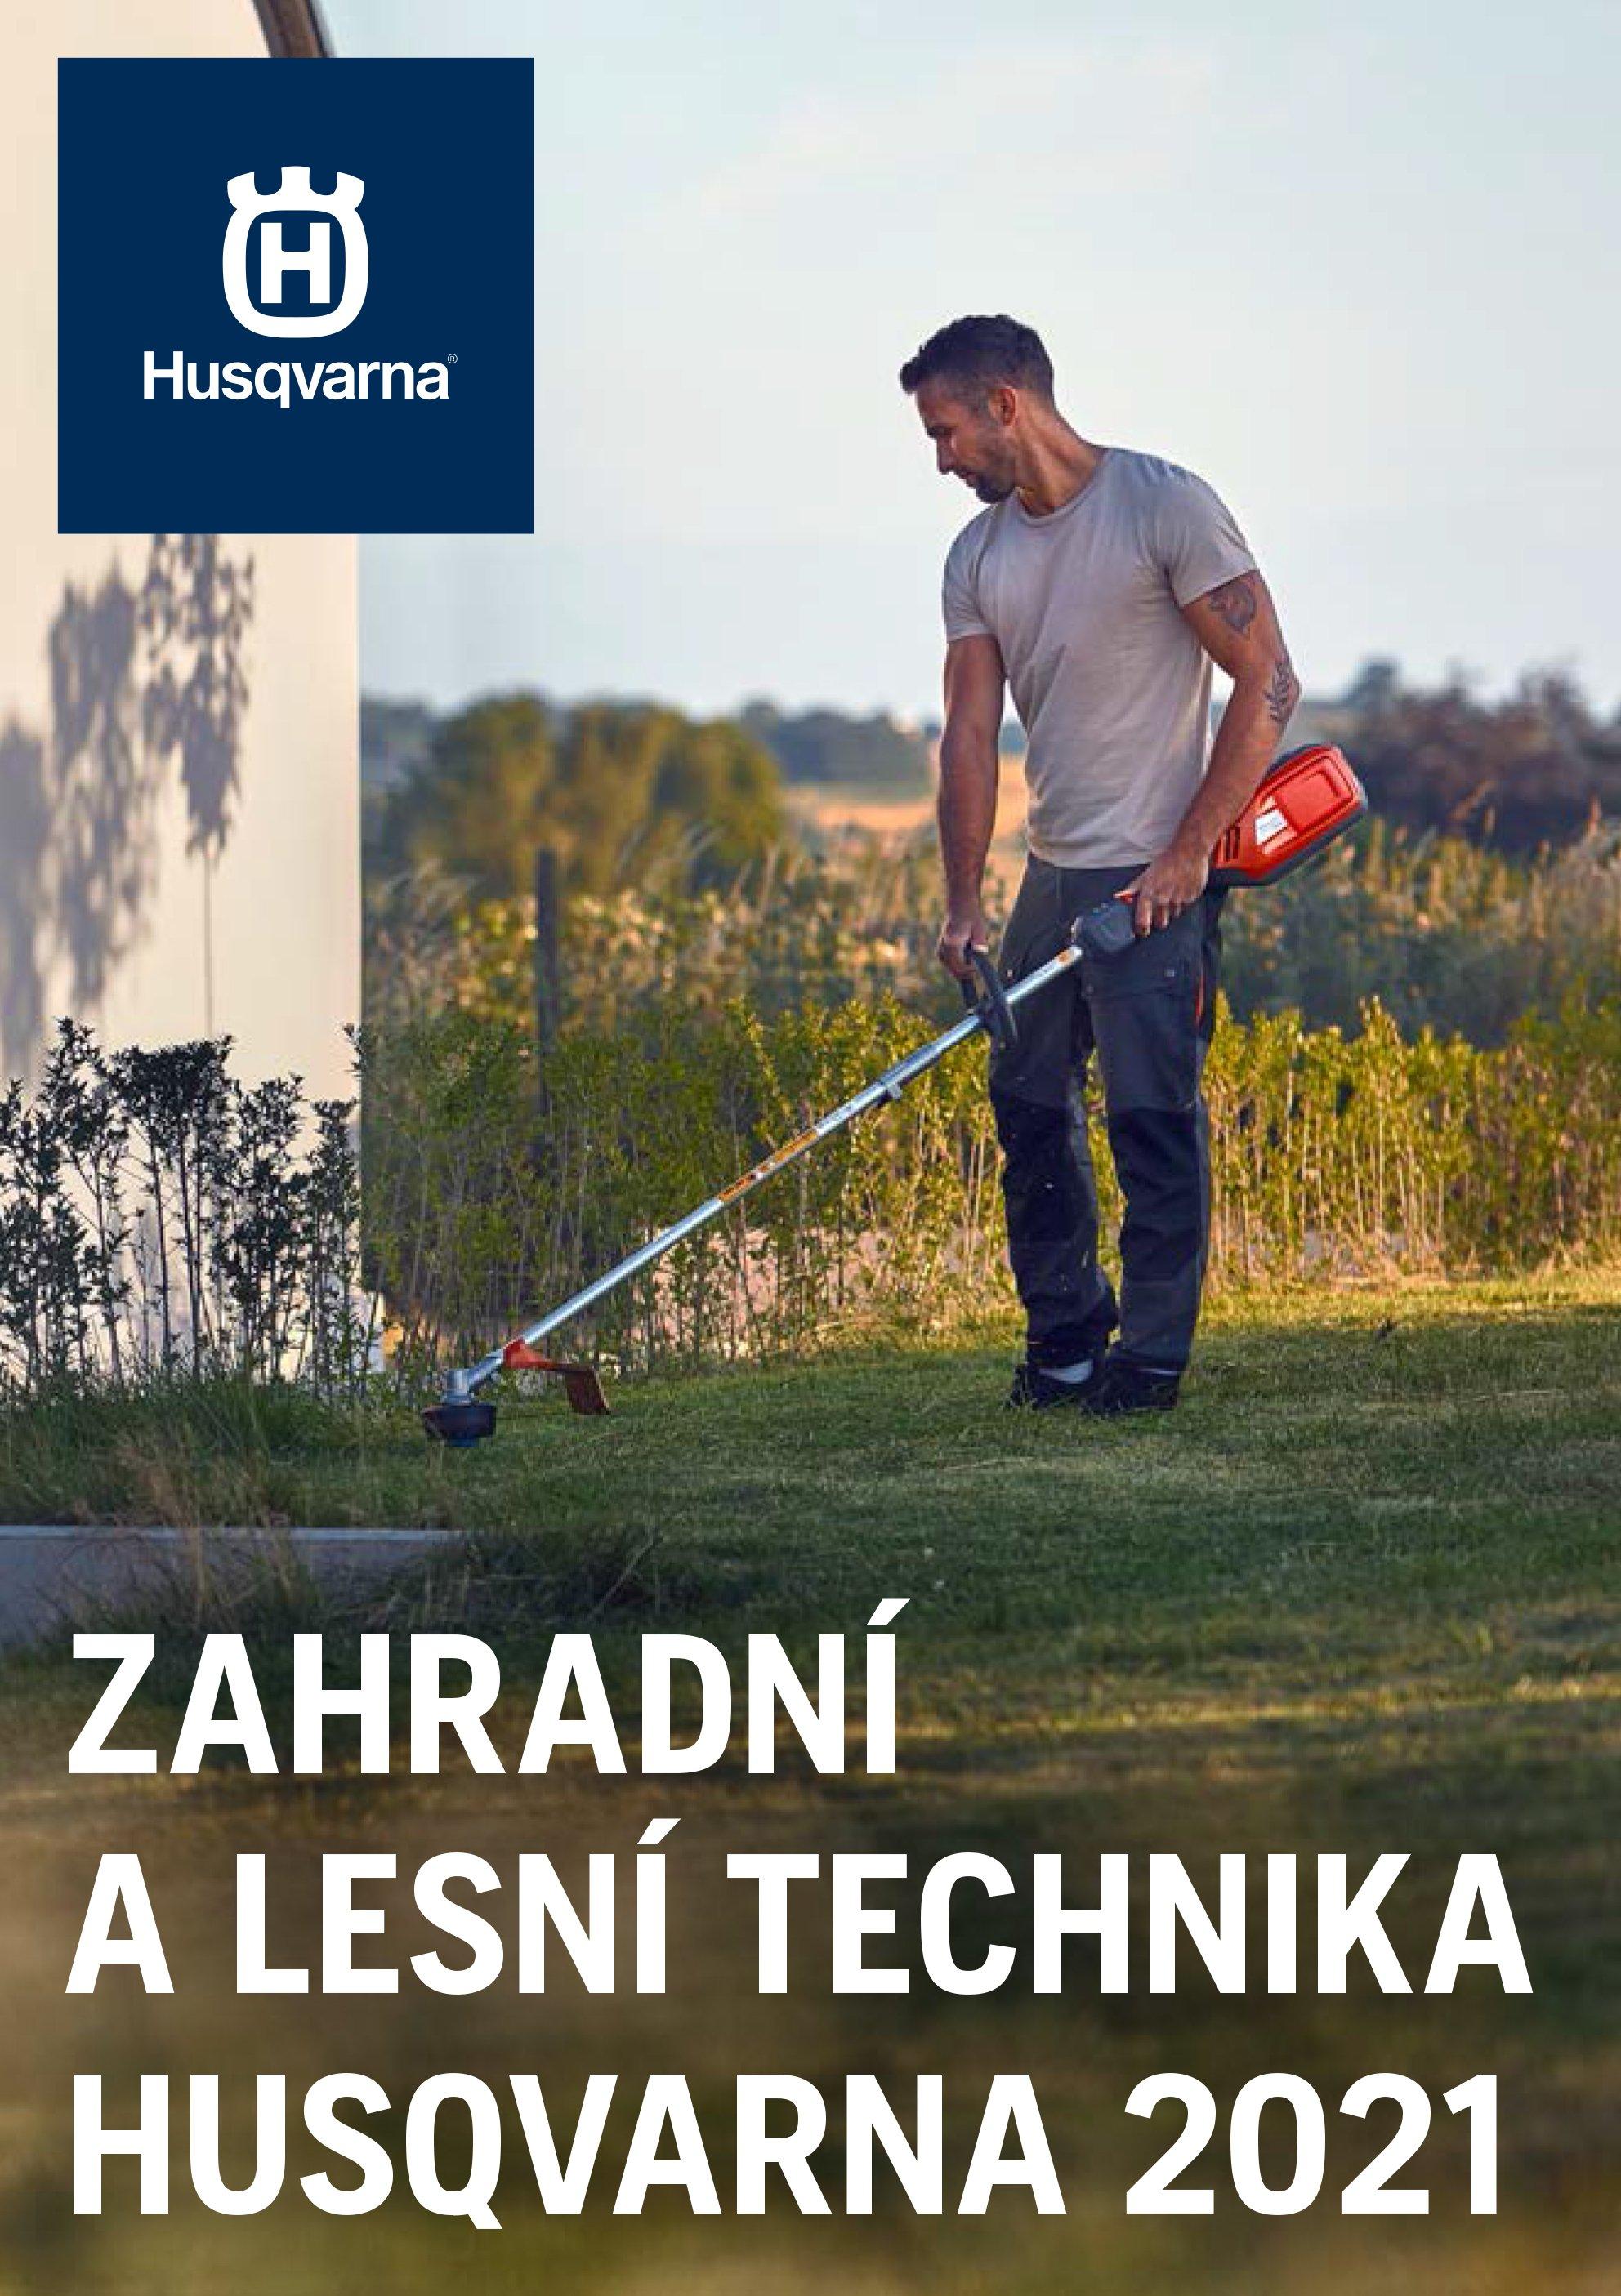 Zahradní a lesní technika Husqvarna 2021